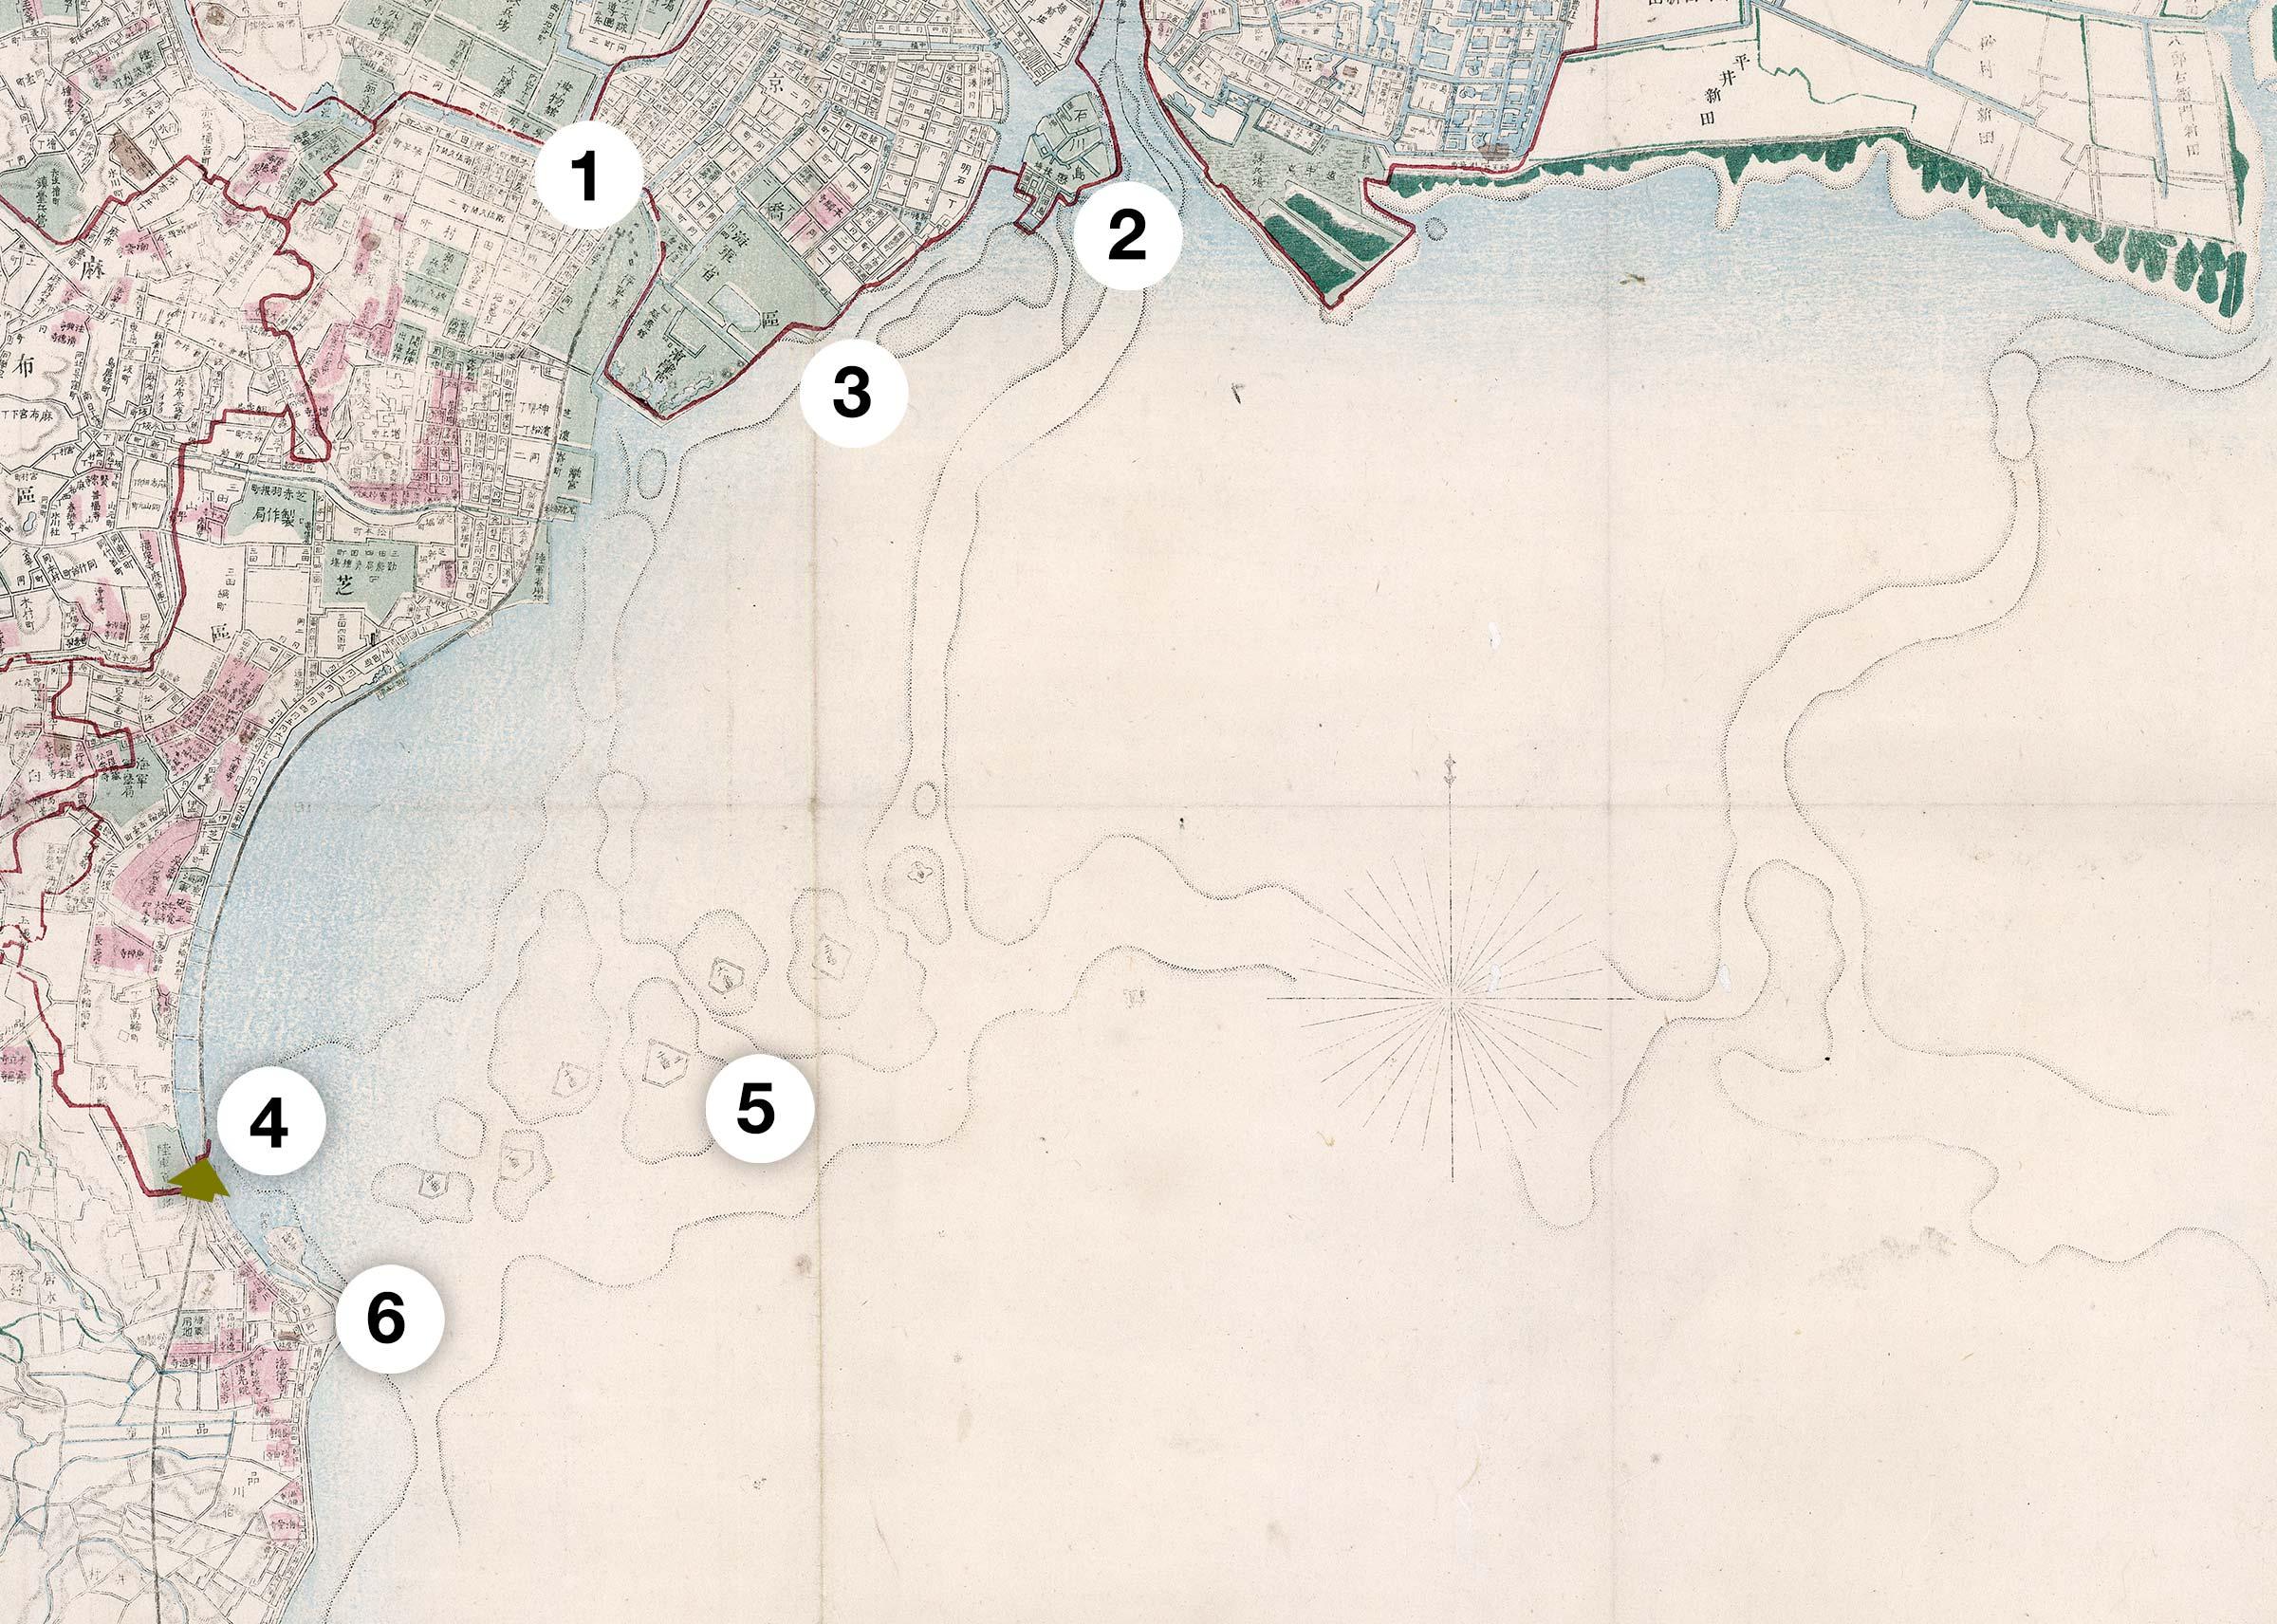 80115-0049 - Shinagawa Map